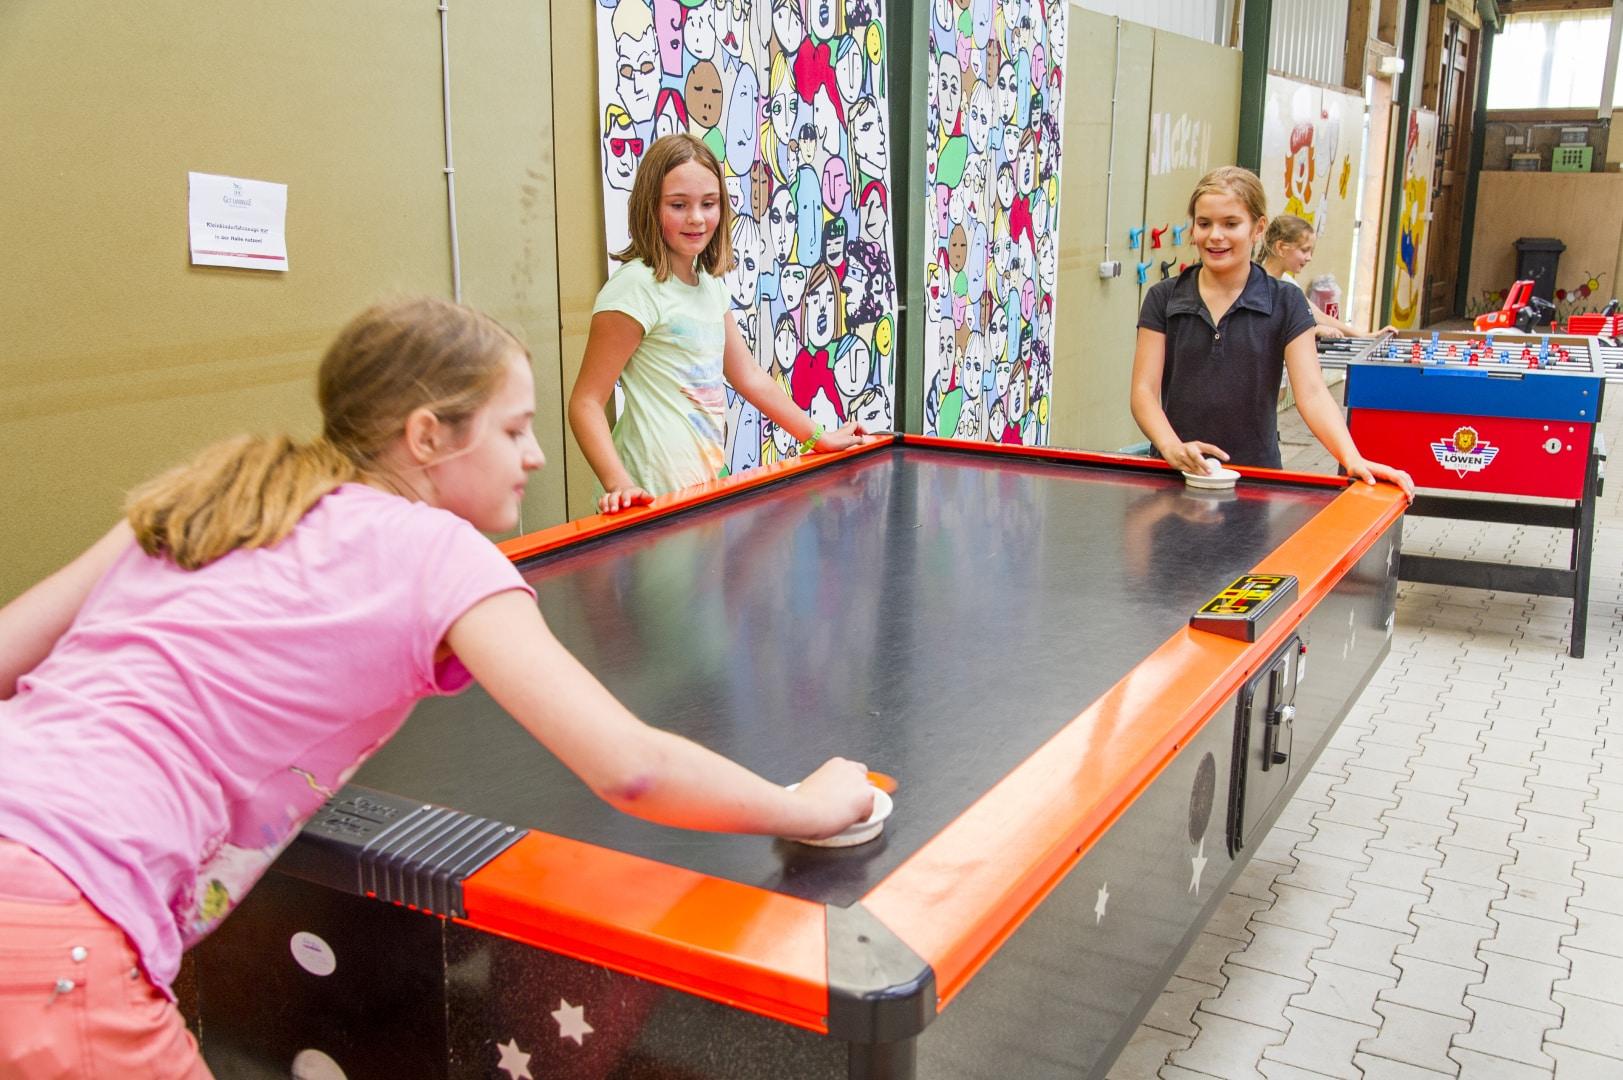 Familotel Gut Landegge Familienurlaub im Emsland Alles für Kids und Teens Airhockey